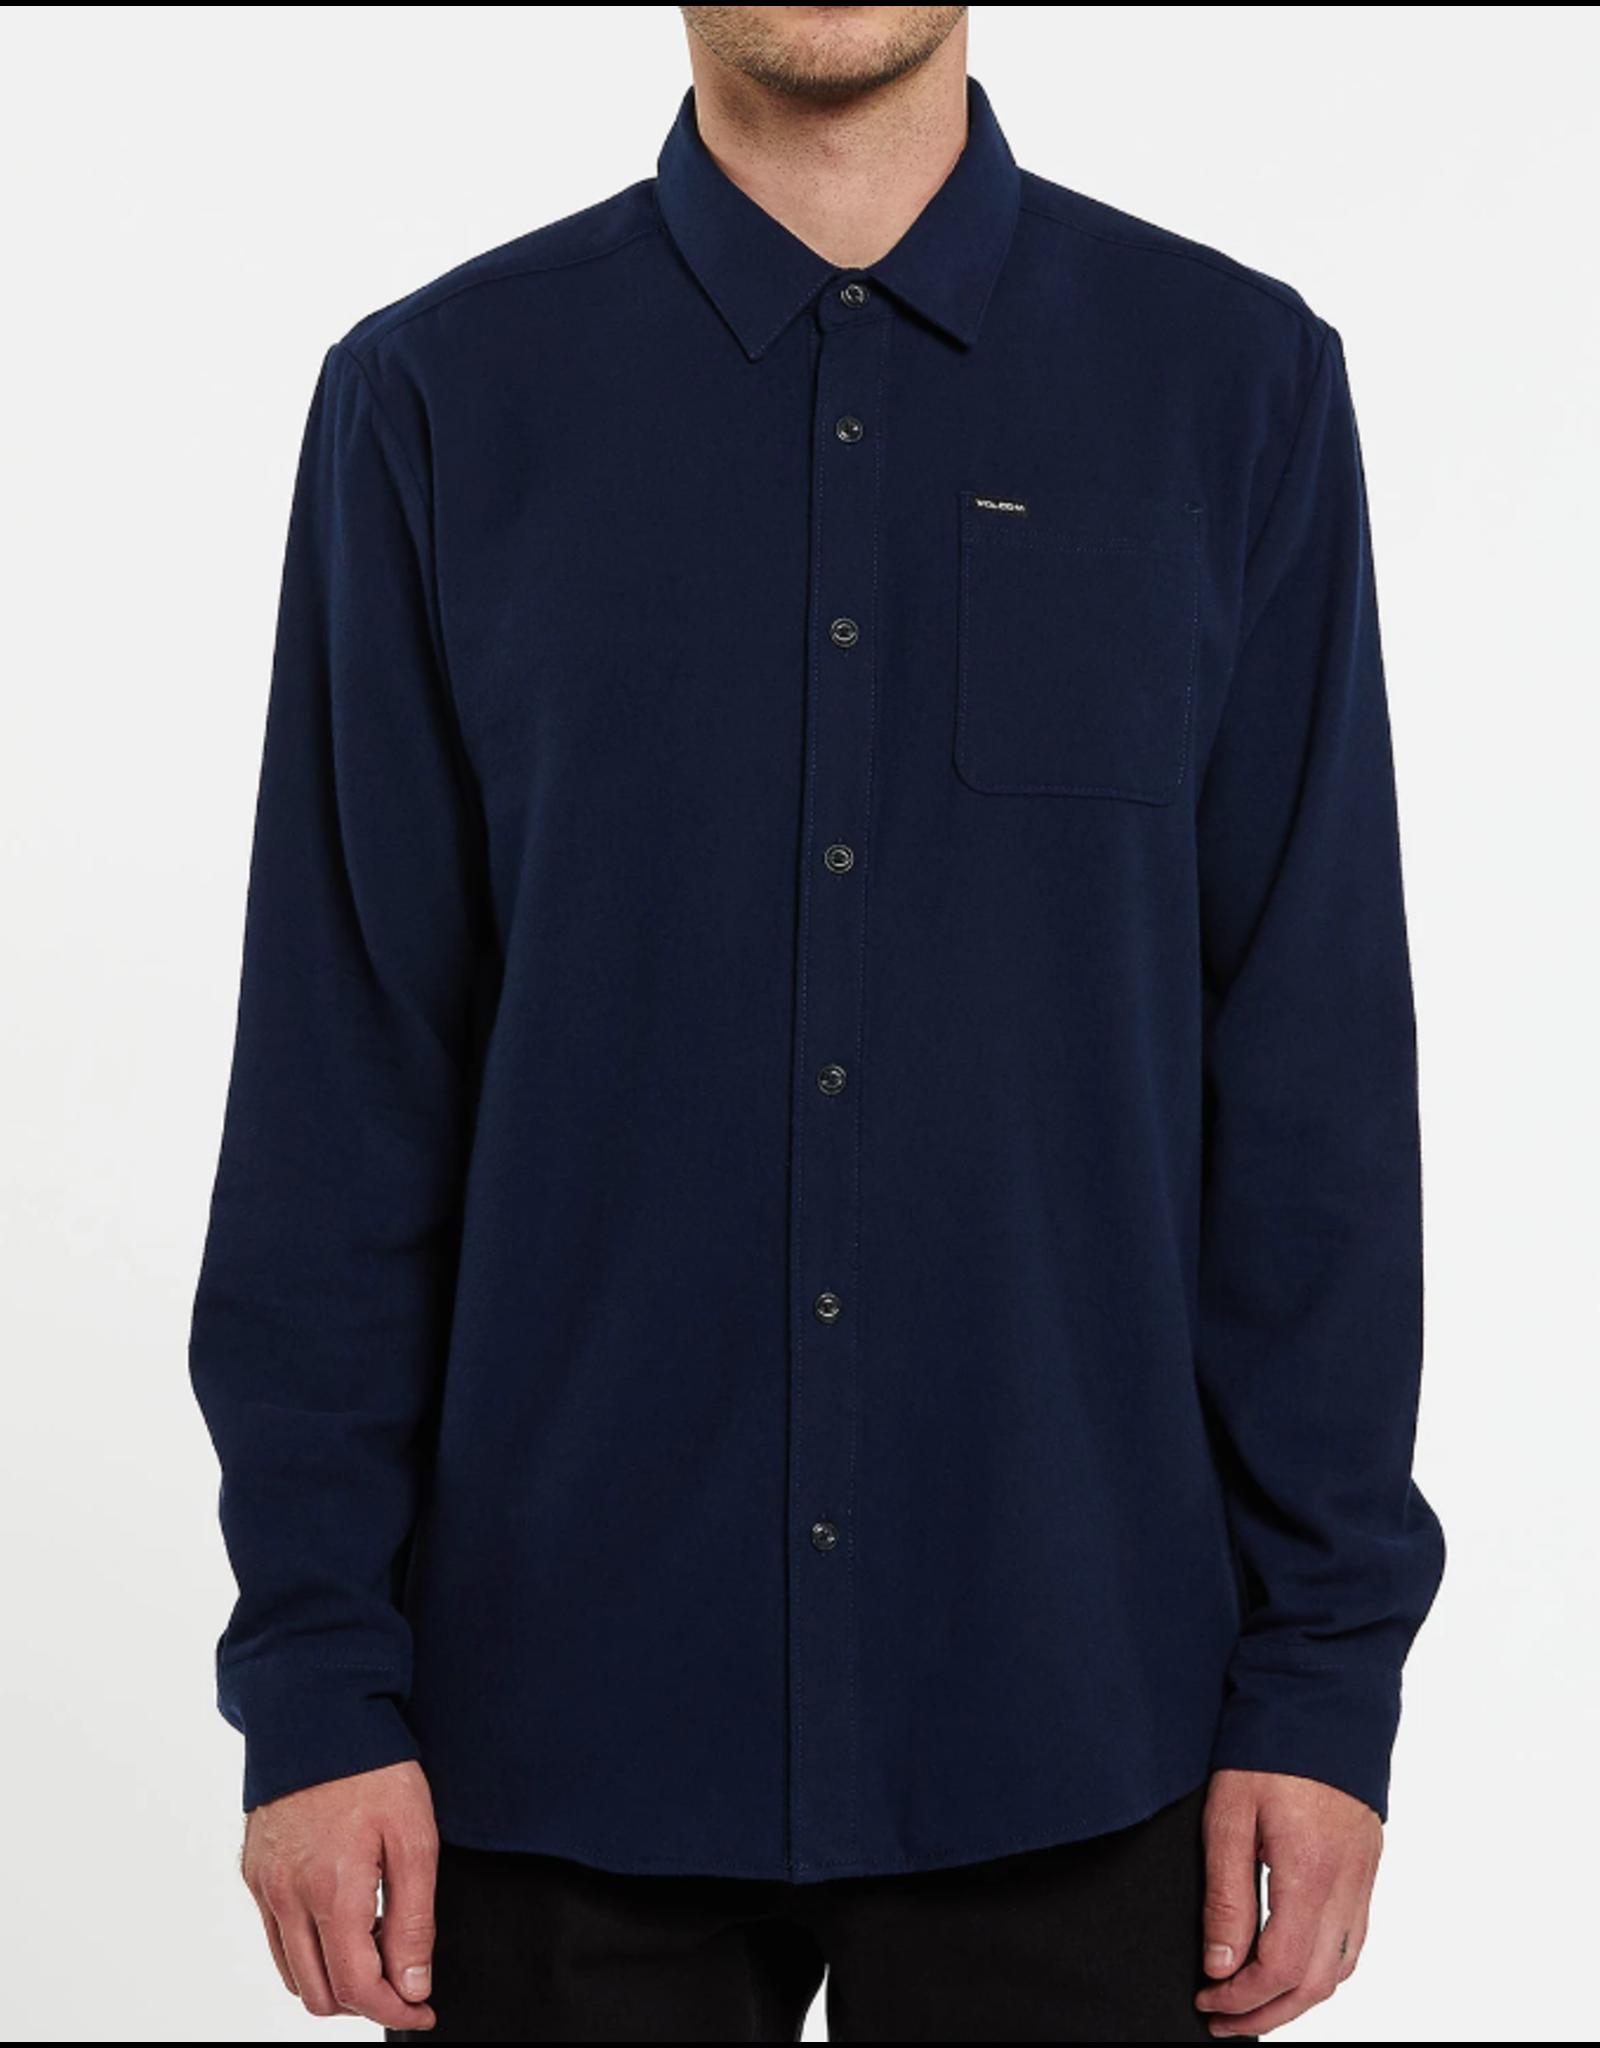 Volcom Caden Solid L/S Shirt - Navy